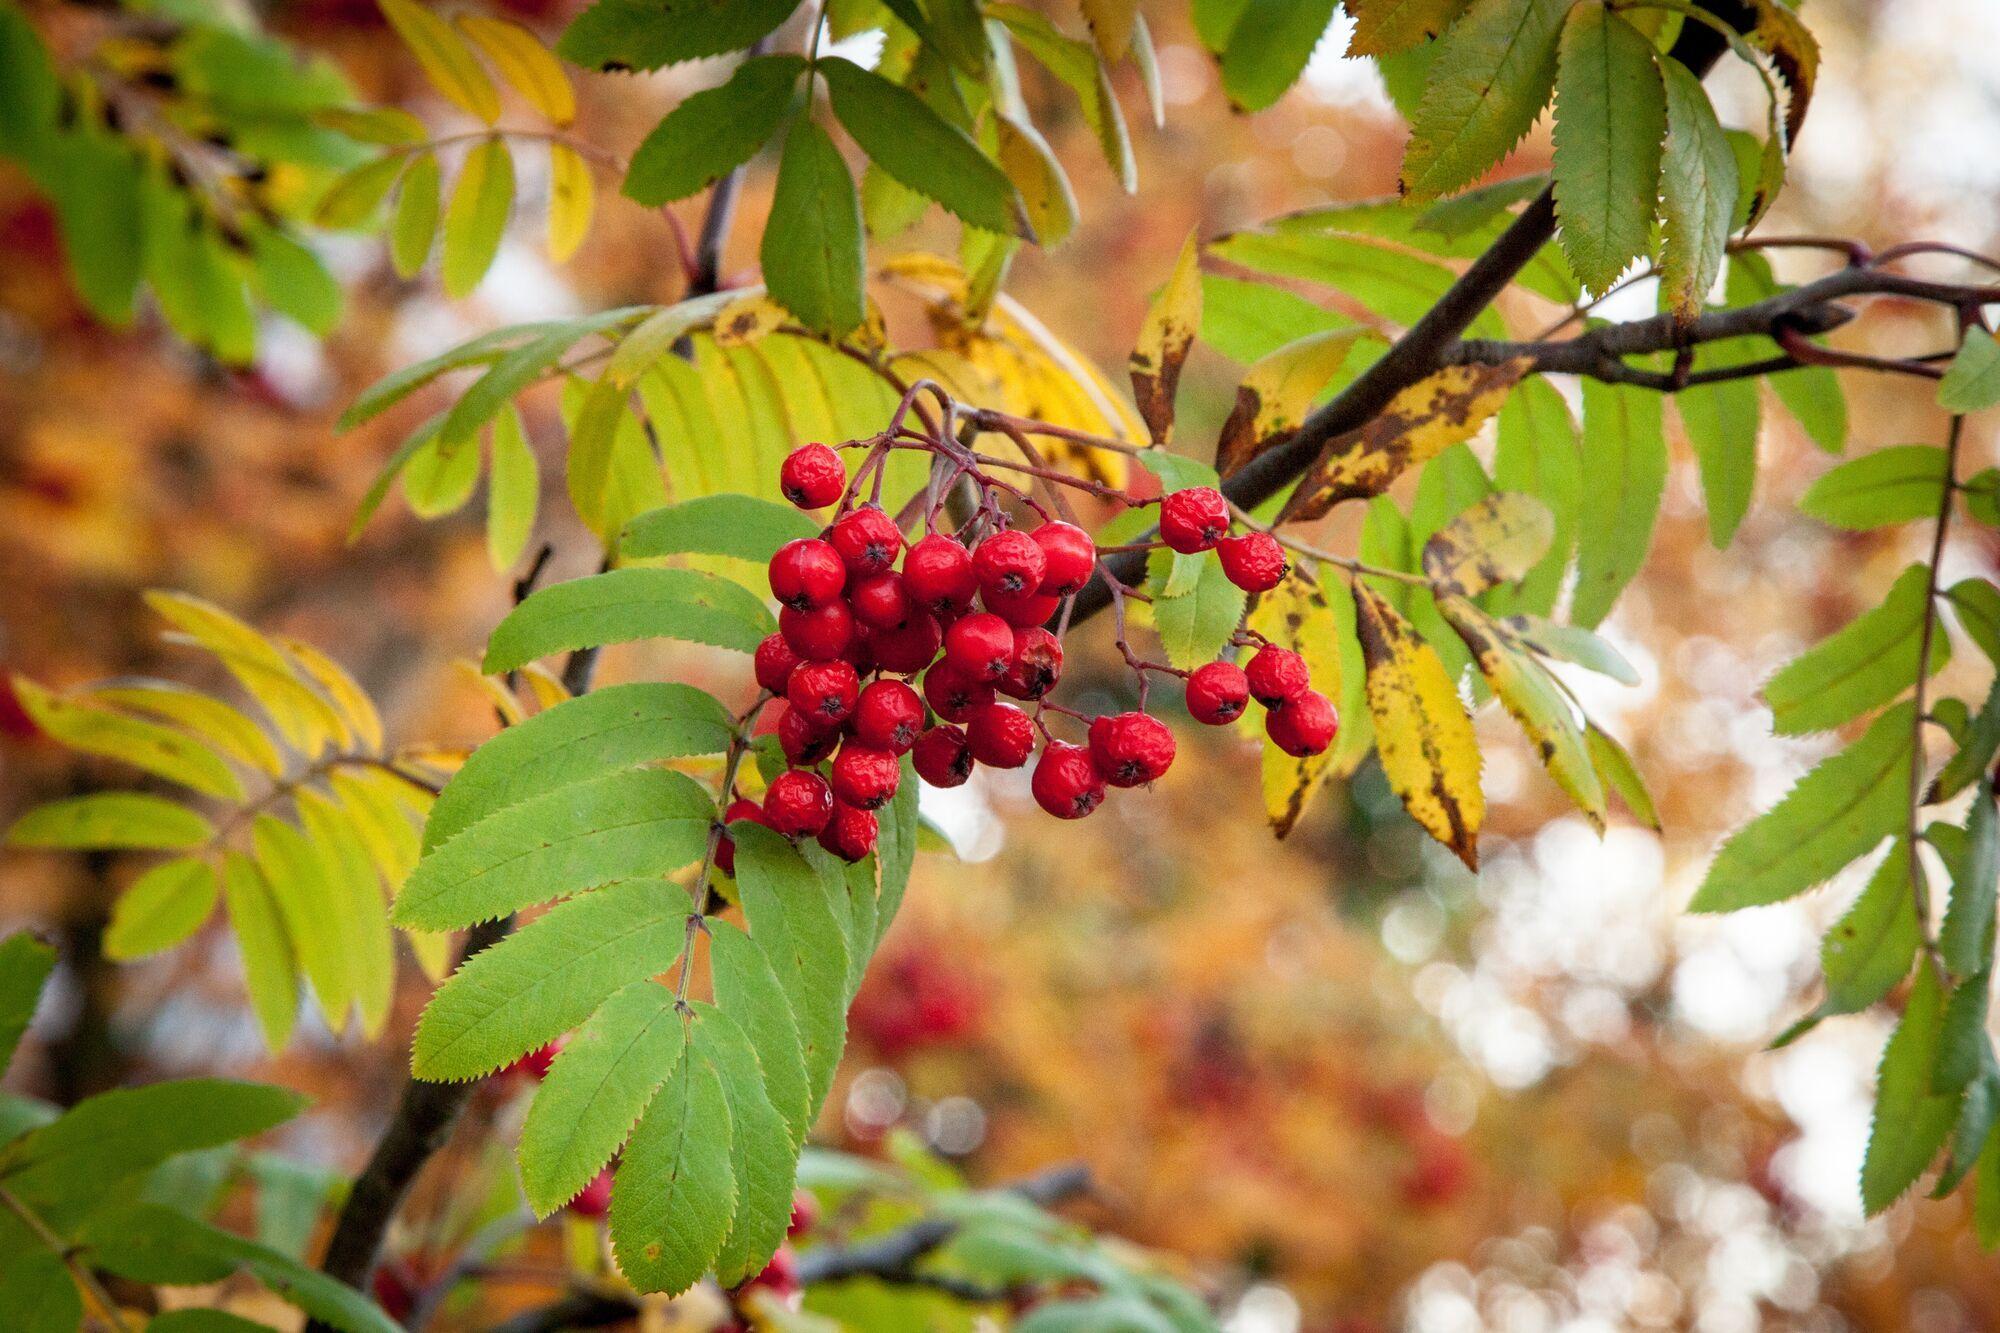 День осіннього рівнодення у наших предків був ще Днем горобини